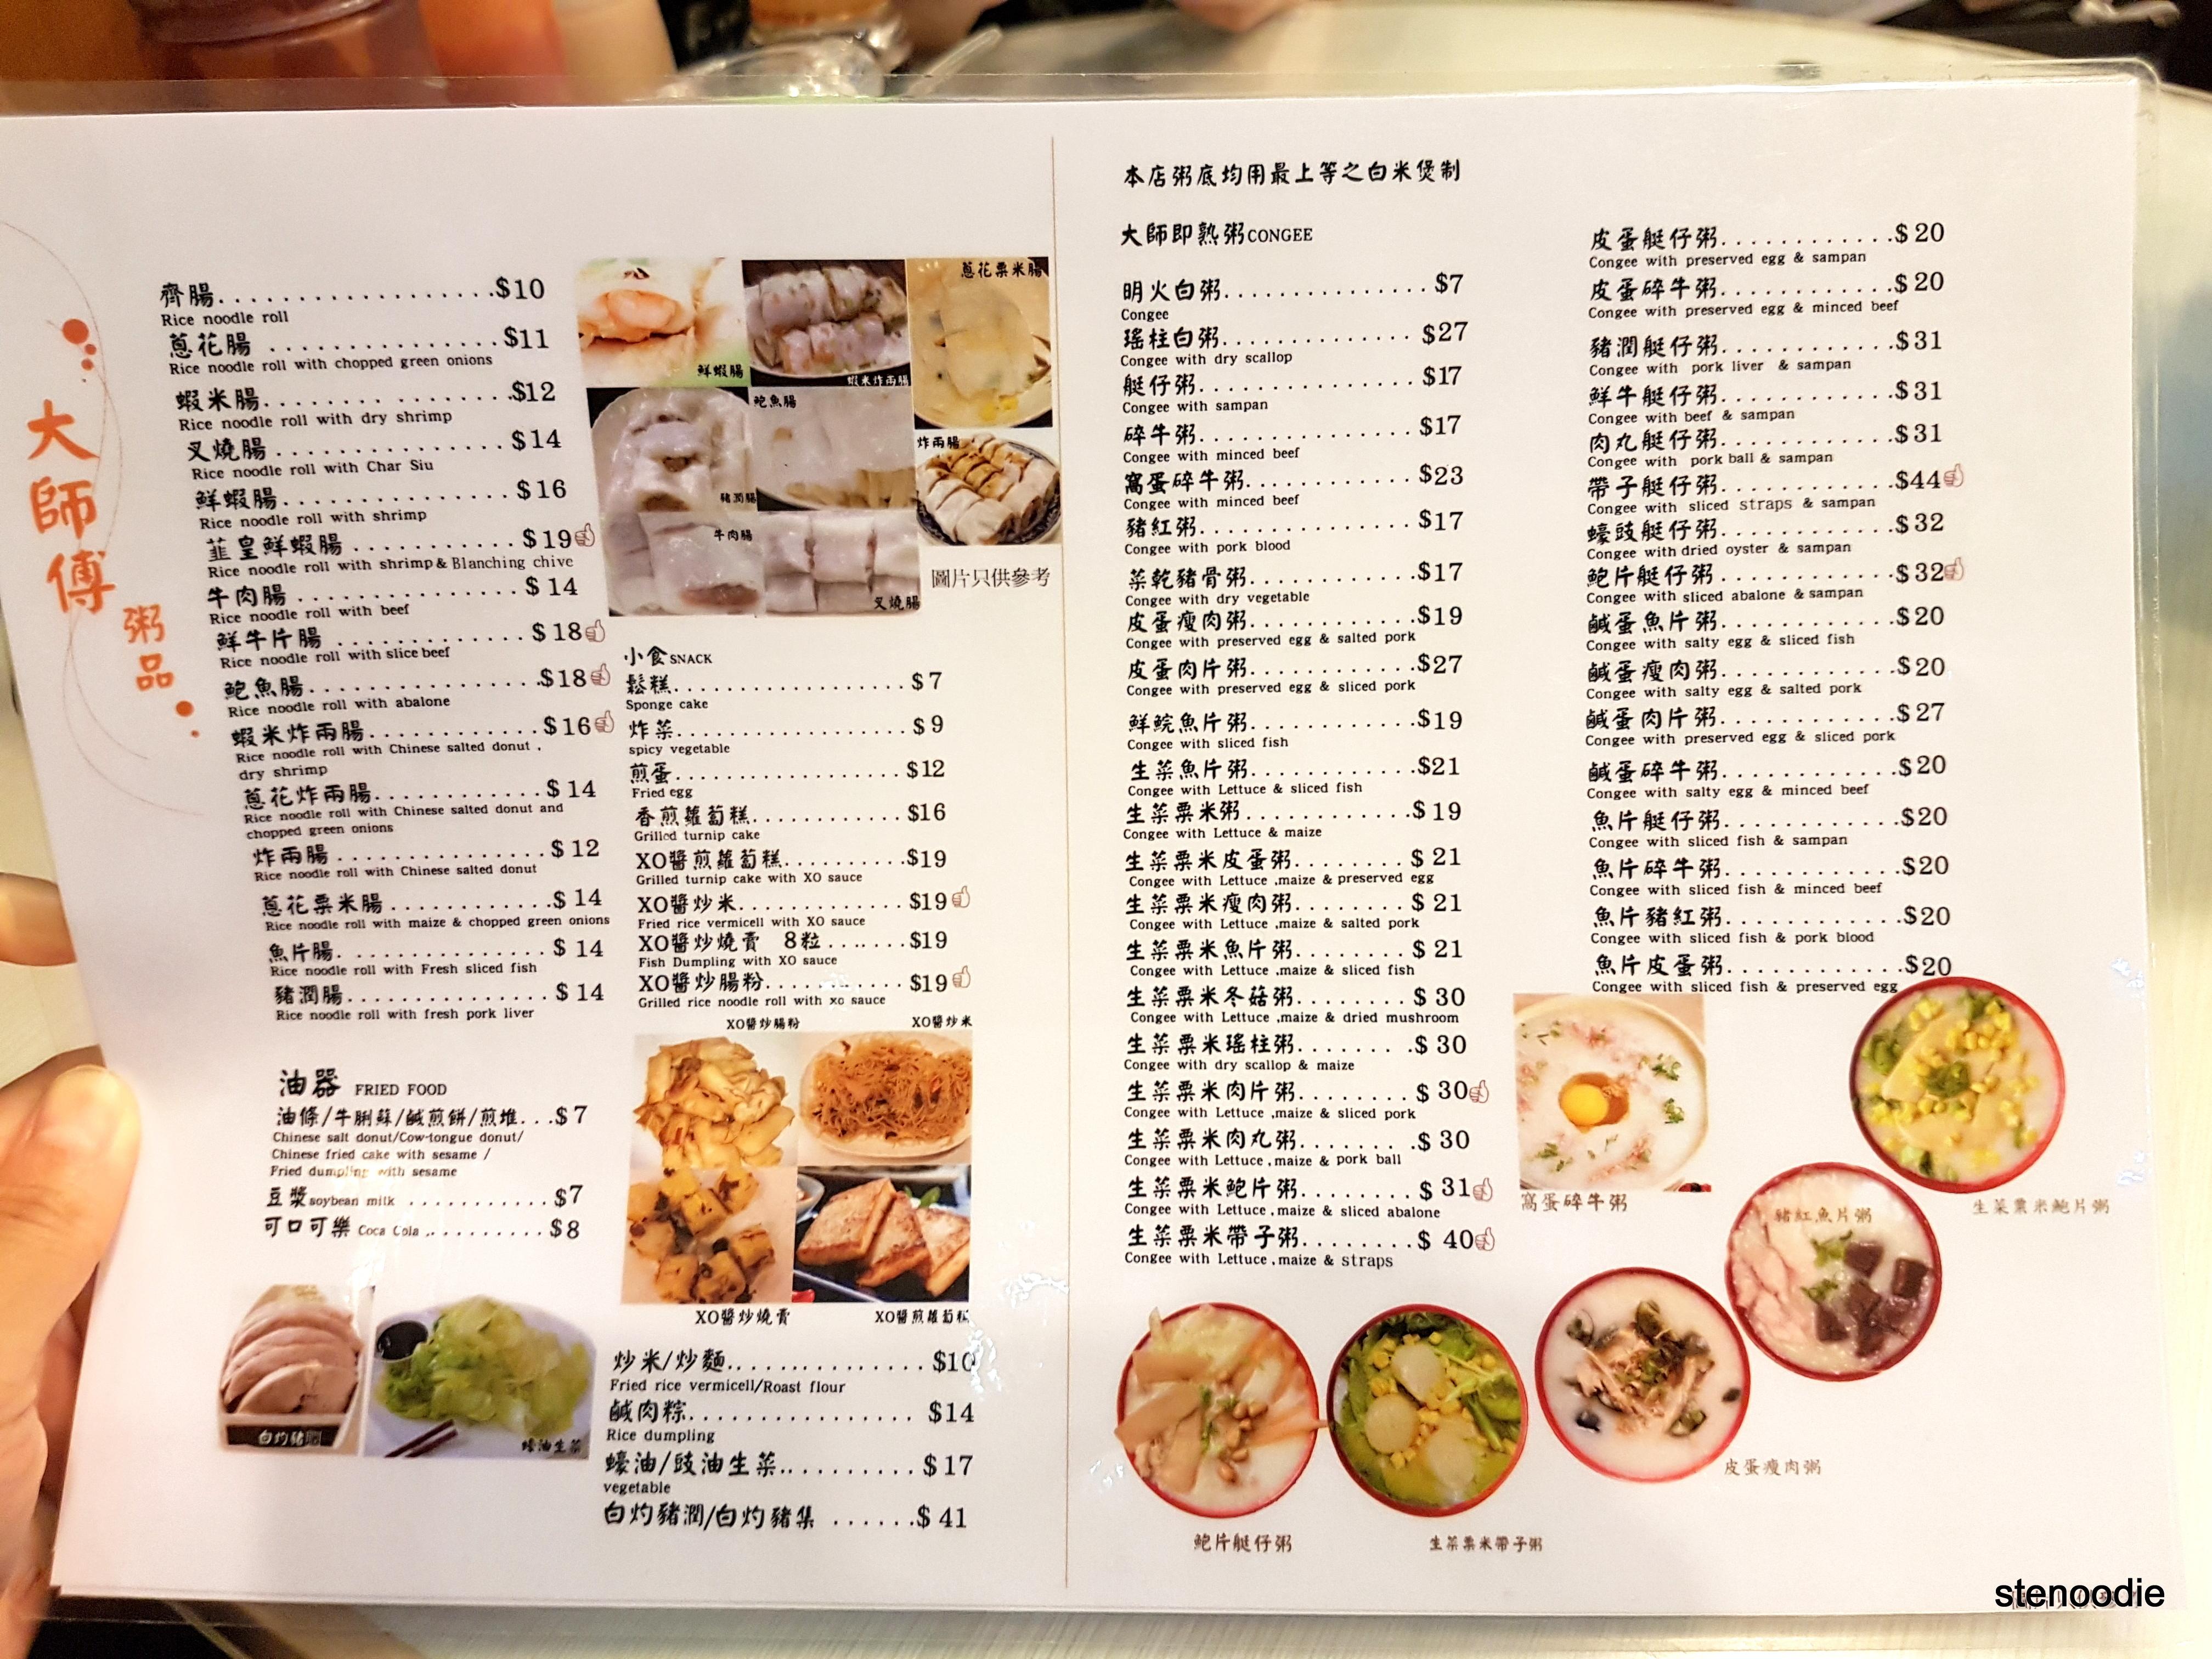 大師傅粥品 menu and prices